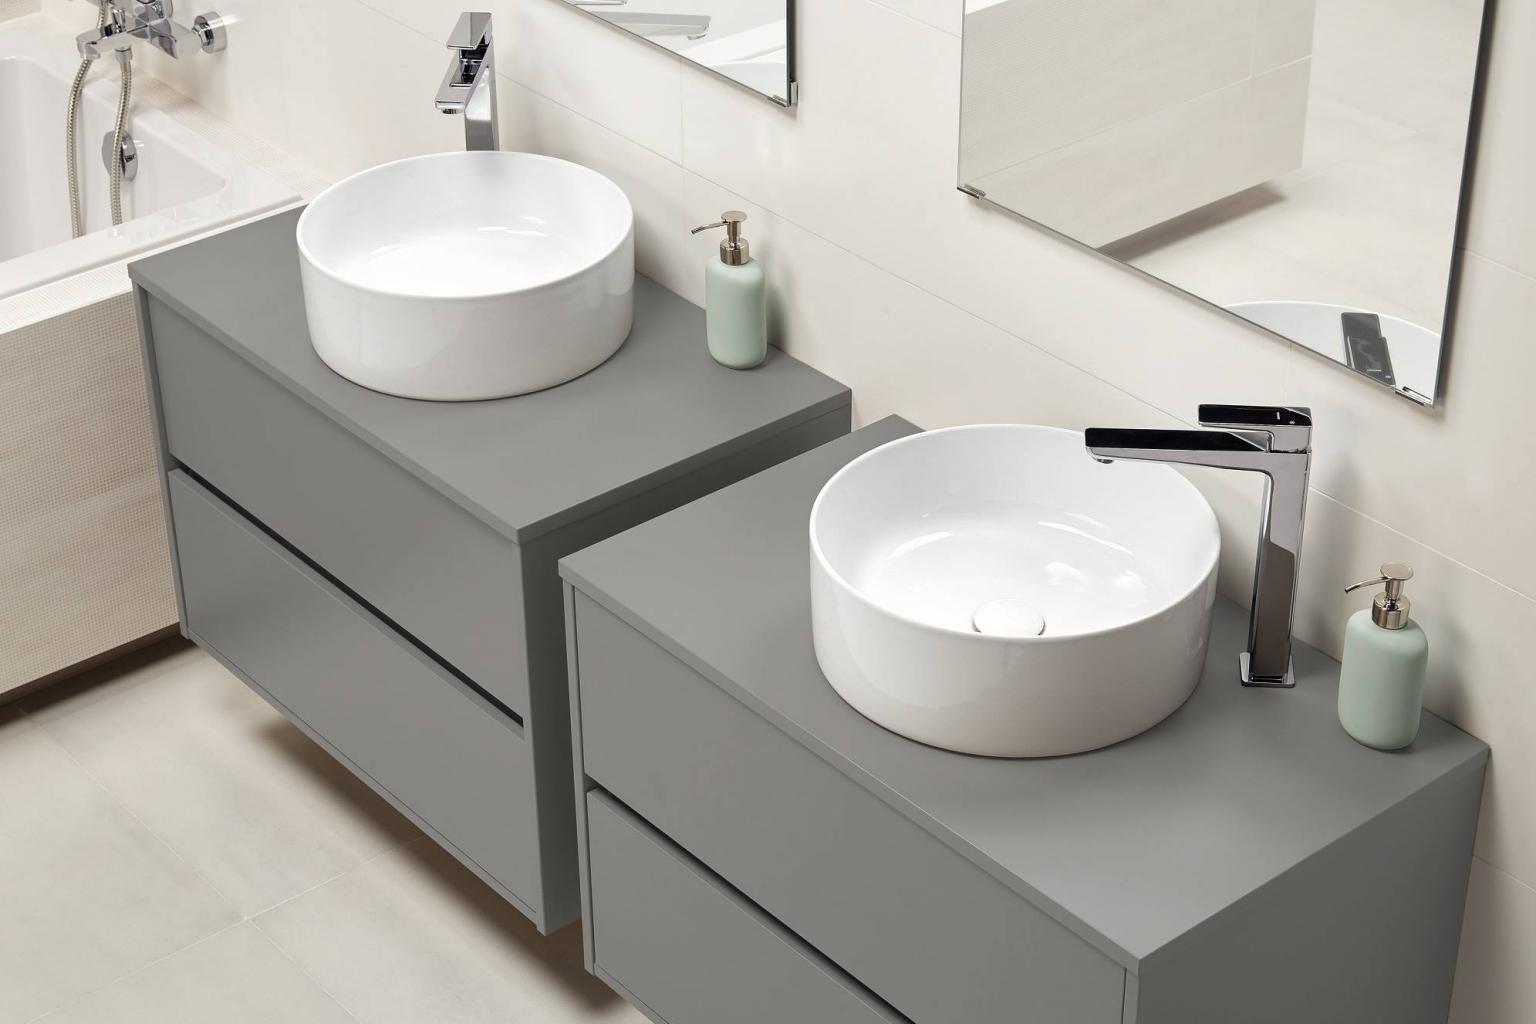 NOVINKA Koupelnový nábytek a sanitární keramika CREA  7e514516f9